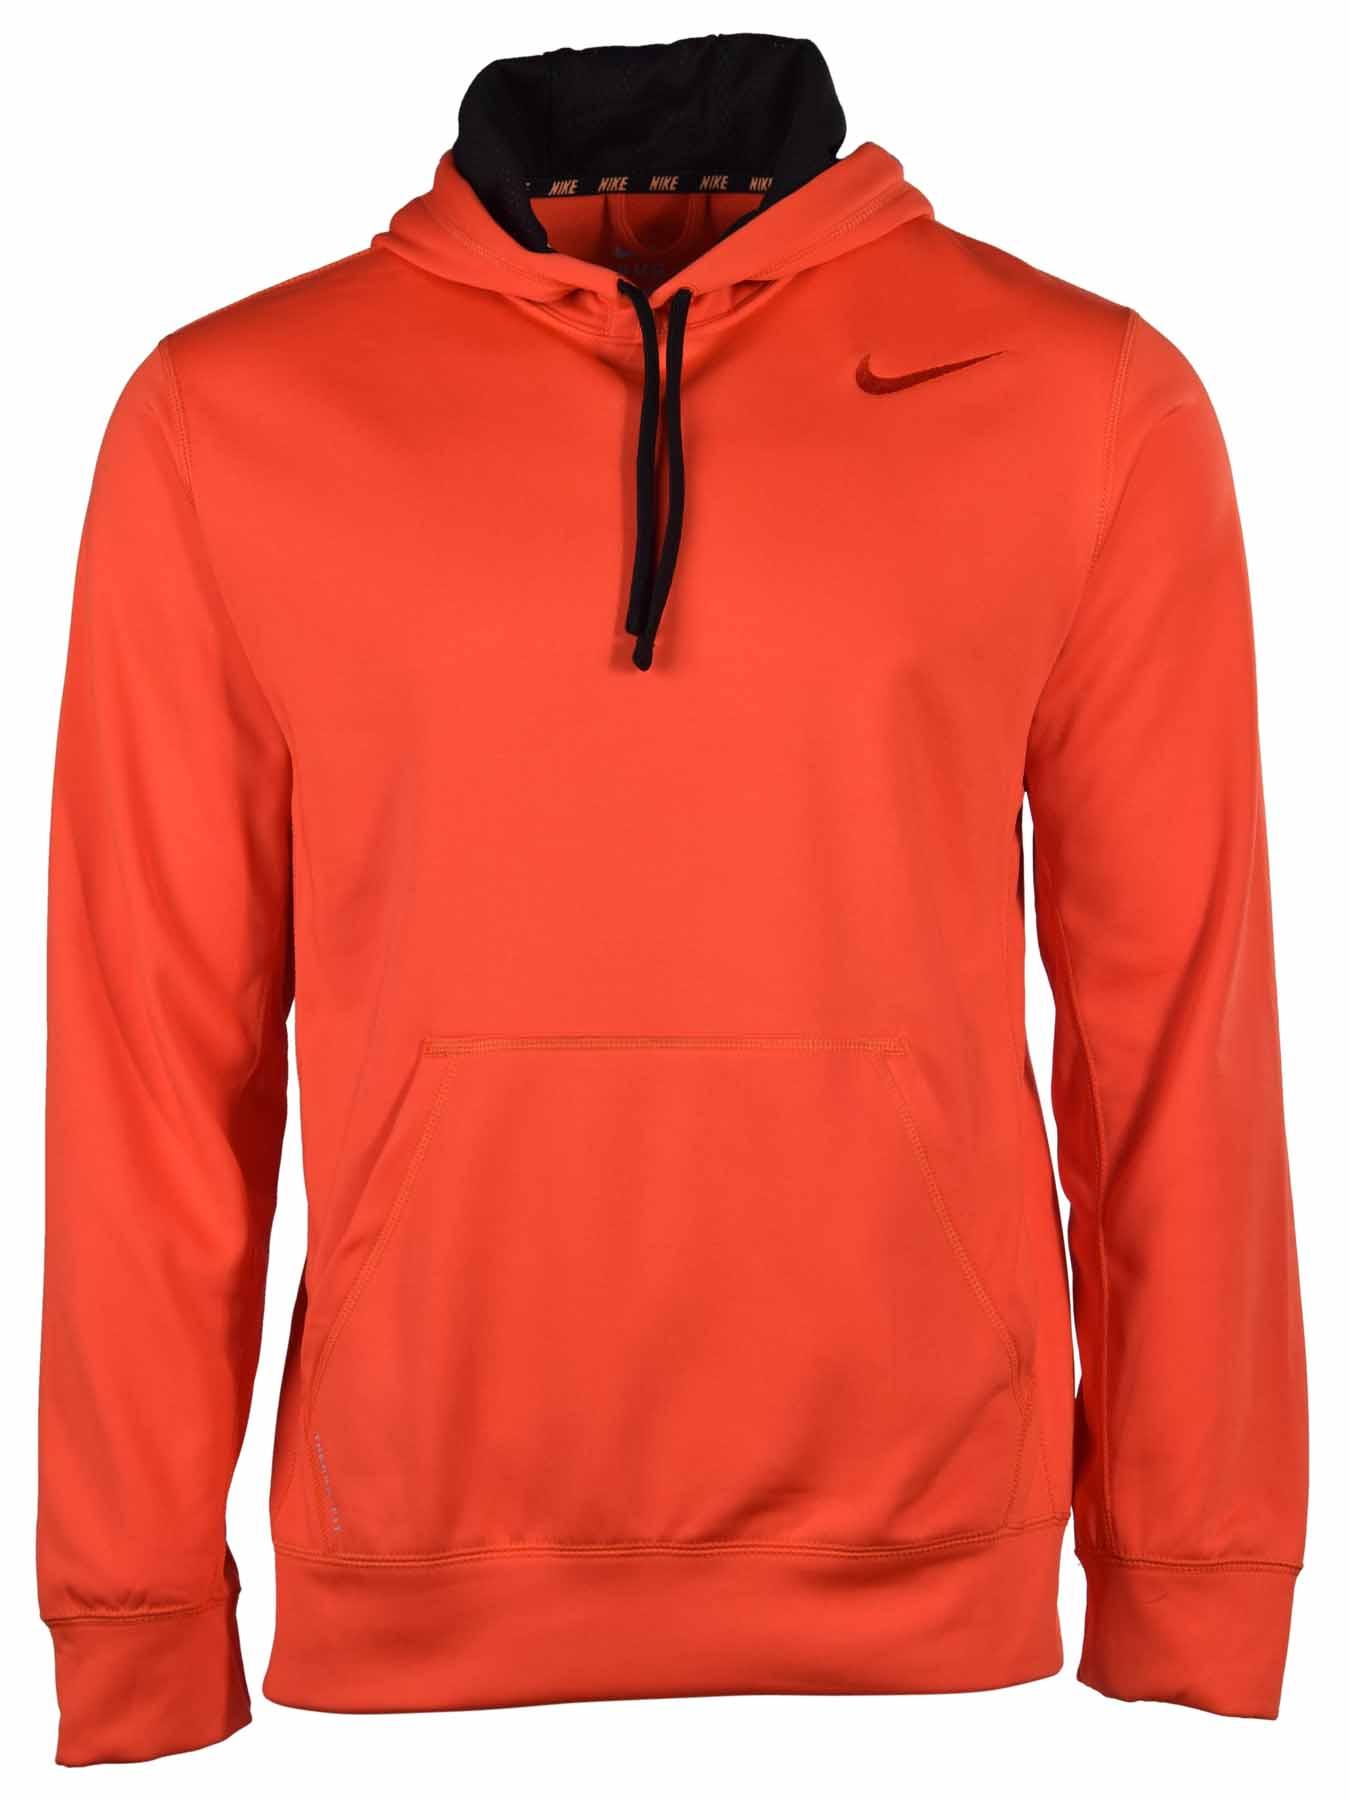 Nike hoodie therma fit